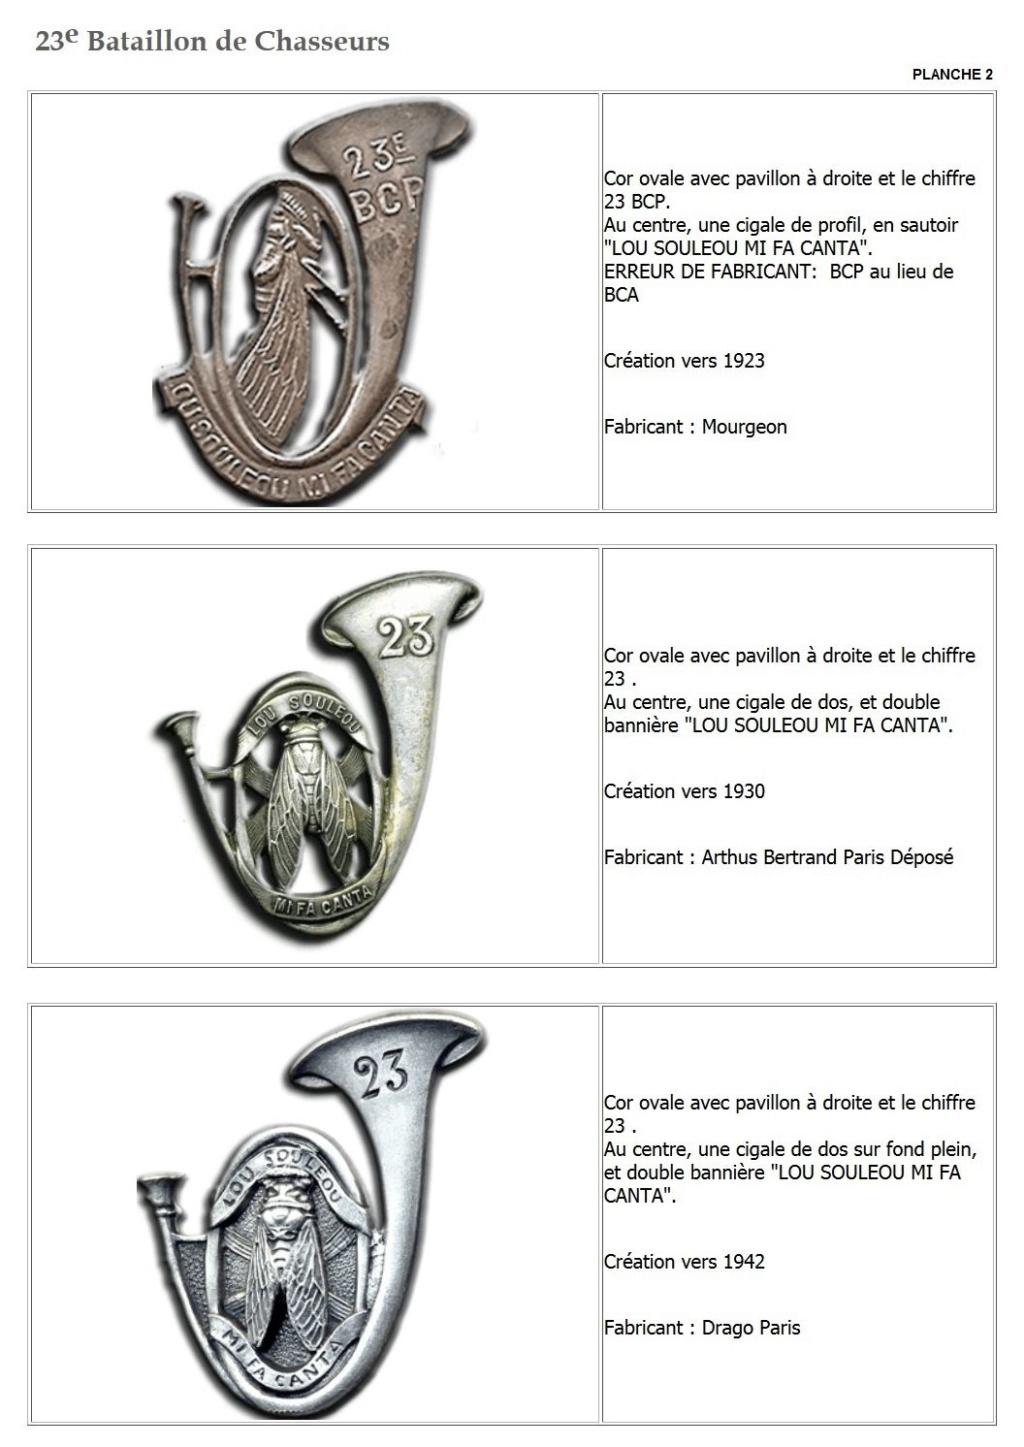 Les insignes de bataillons- Mise à jour... - Page 2 23e_pl12